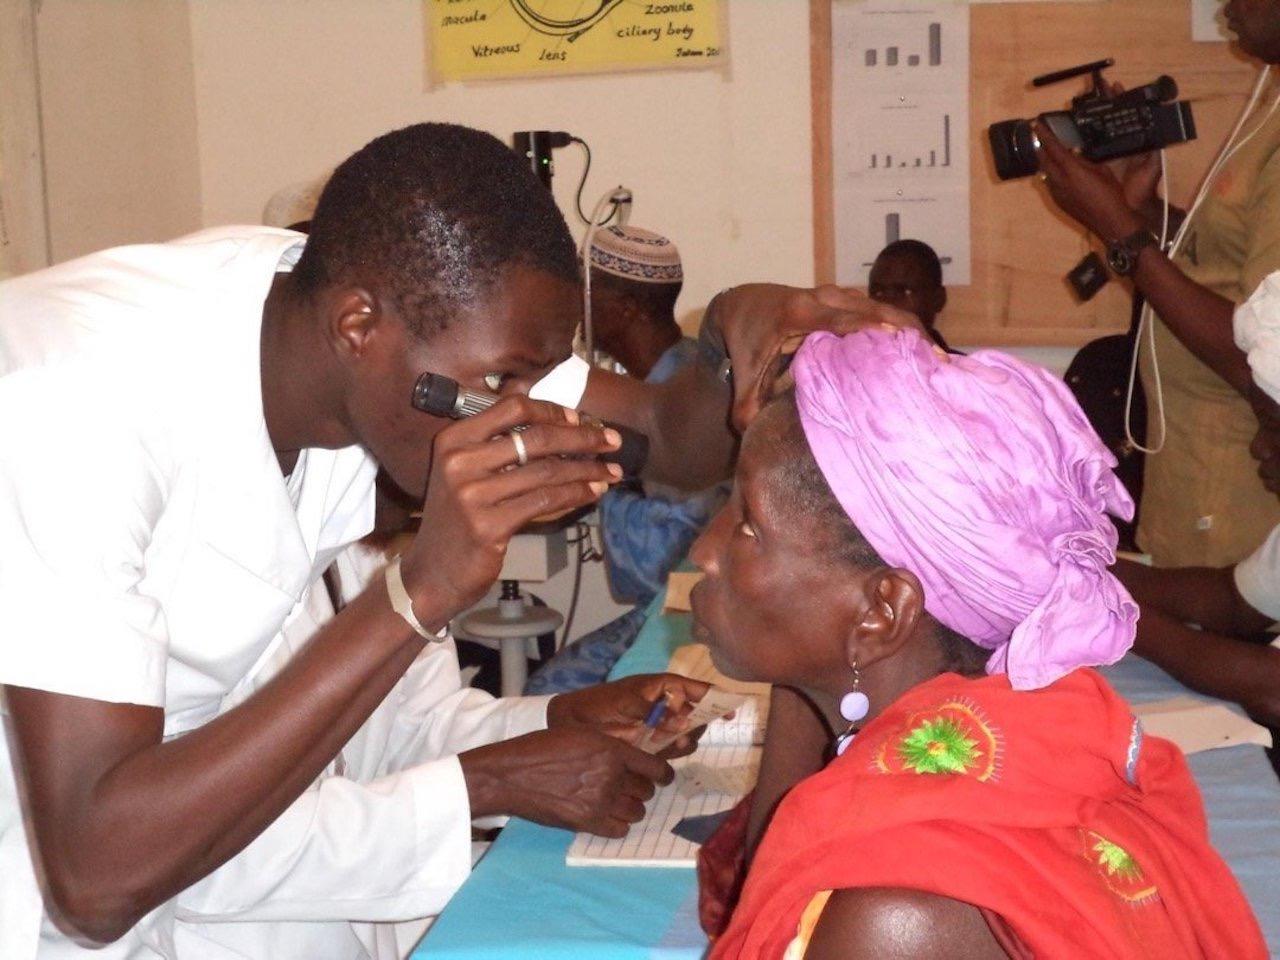 Santé : Élimination du trachome en tant que problème de santé publique en Gambie, les félicitations de l'Oms...